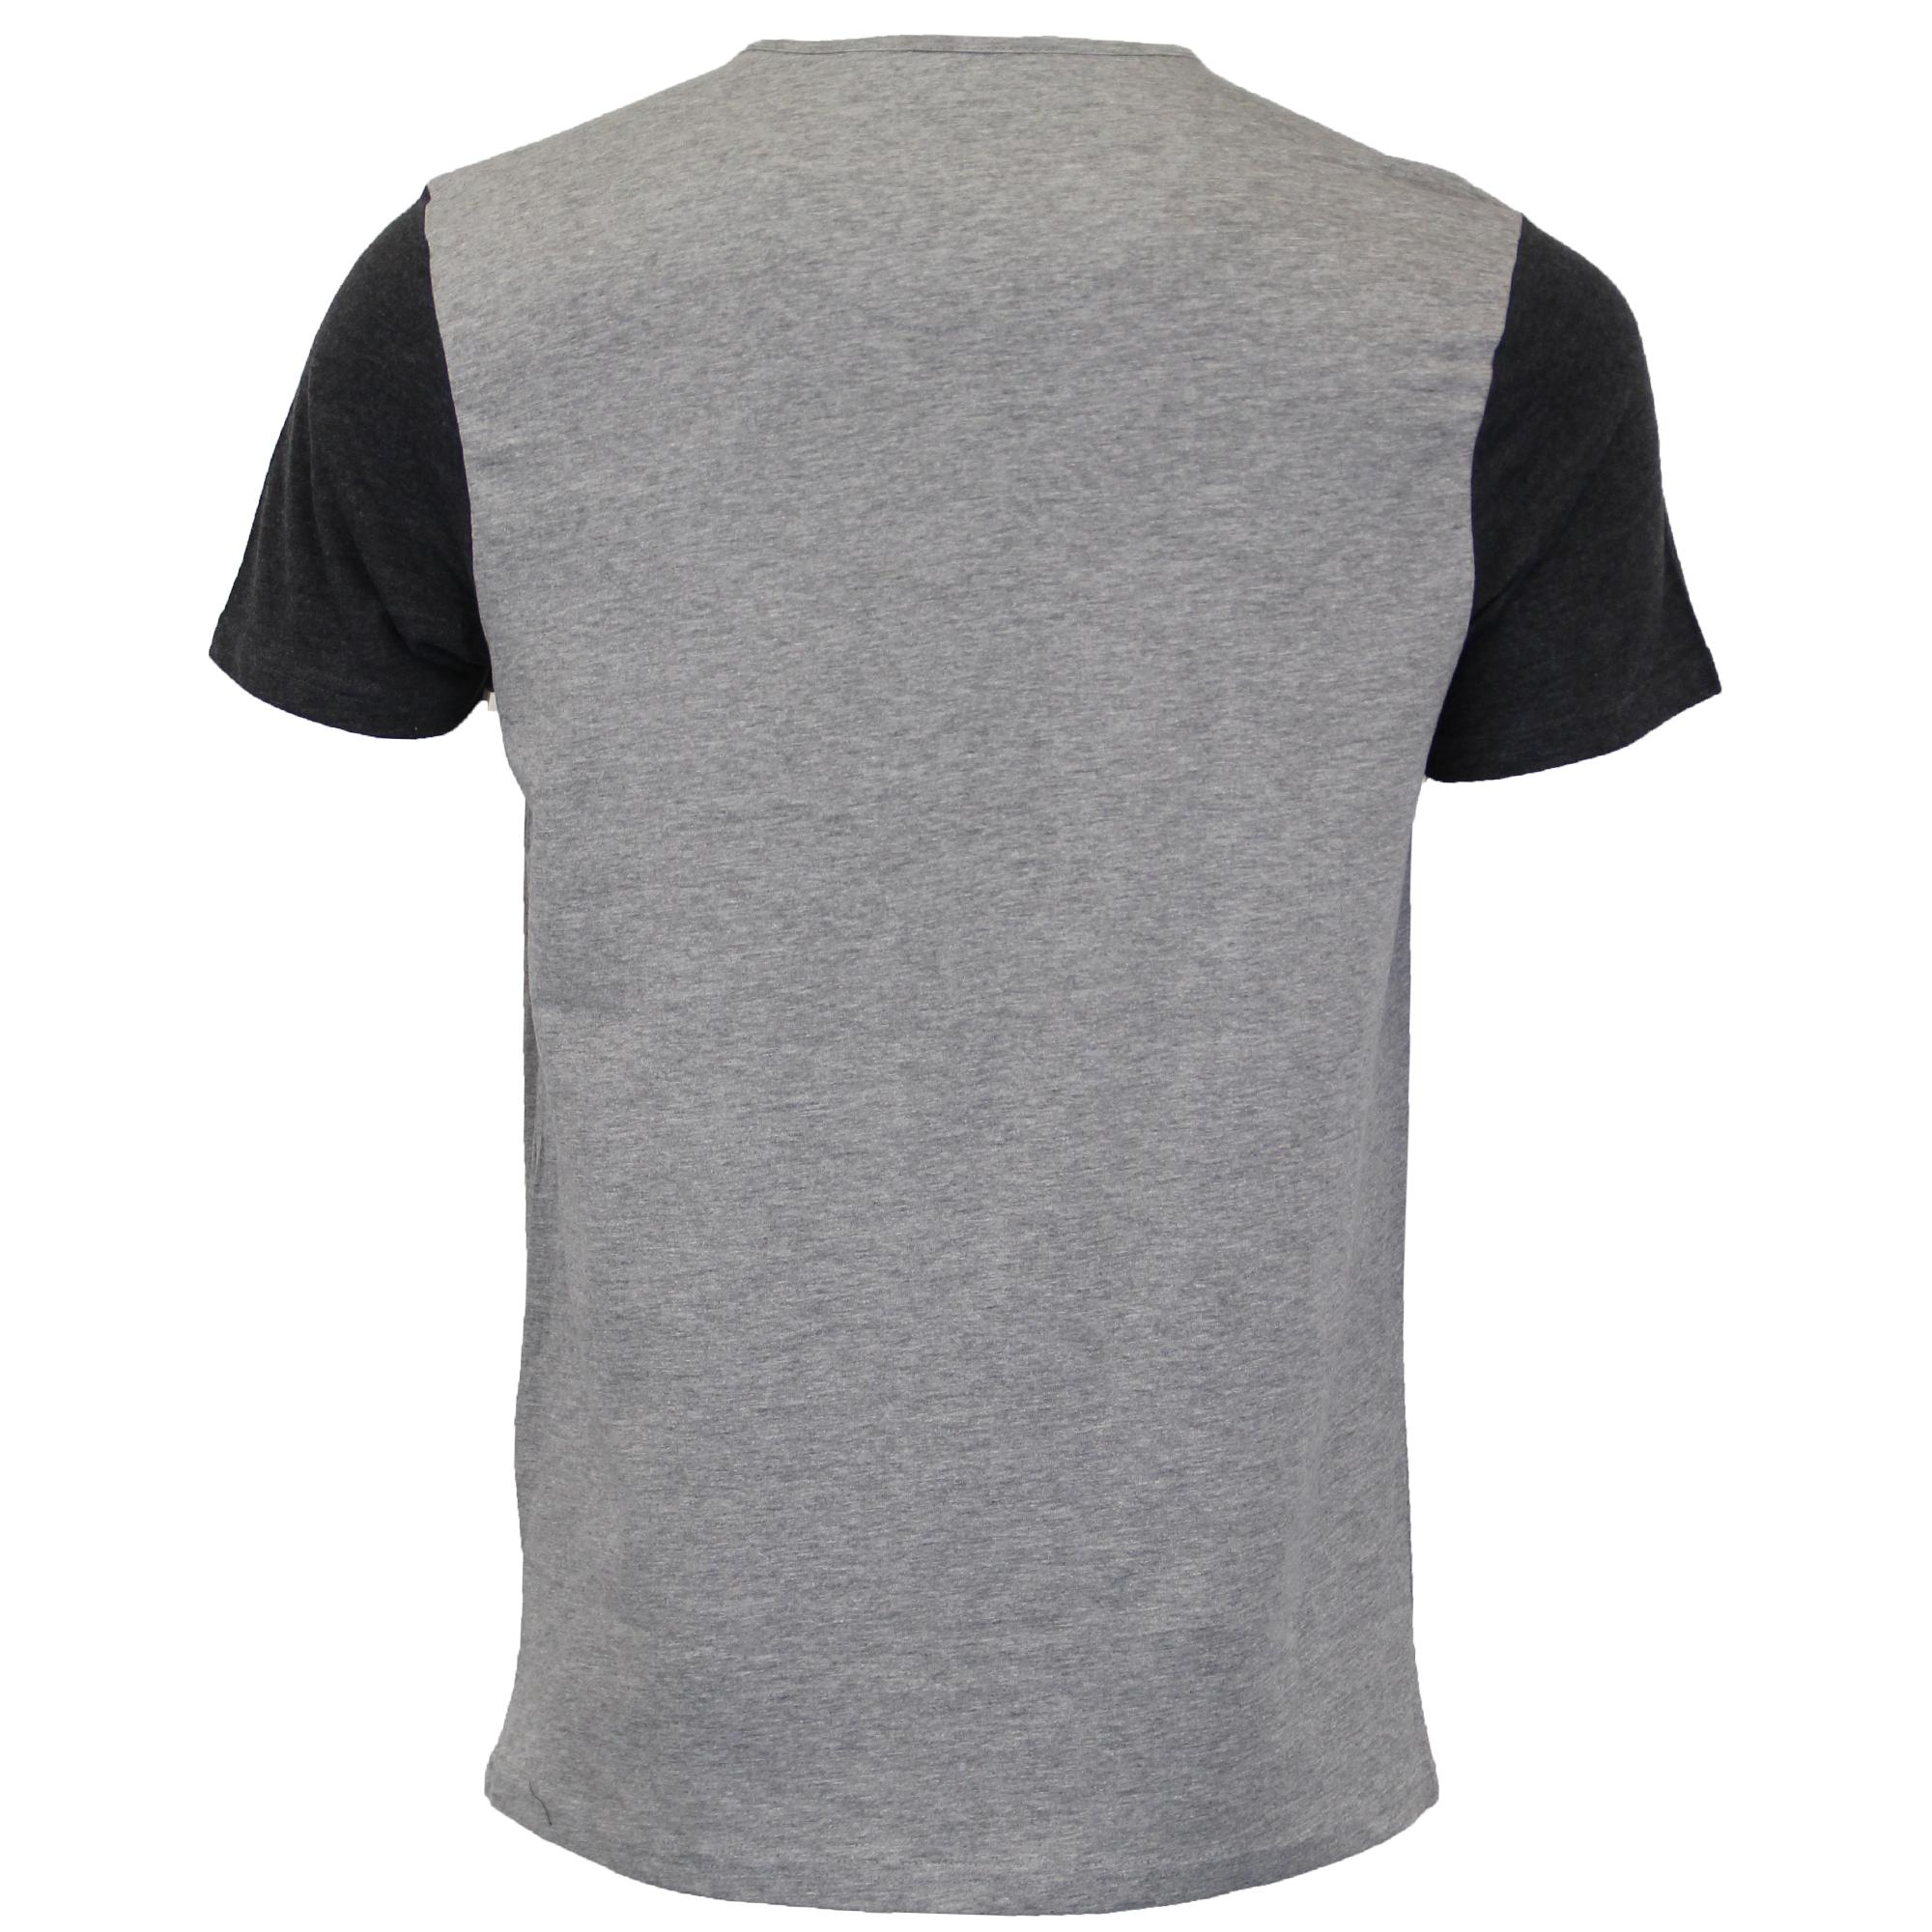 03ba8633e52 Mens T Shirt Brave Soul Short Sleeved Civil Cotton Top Grandad Neck ...